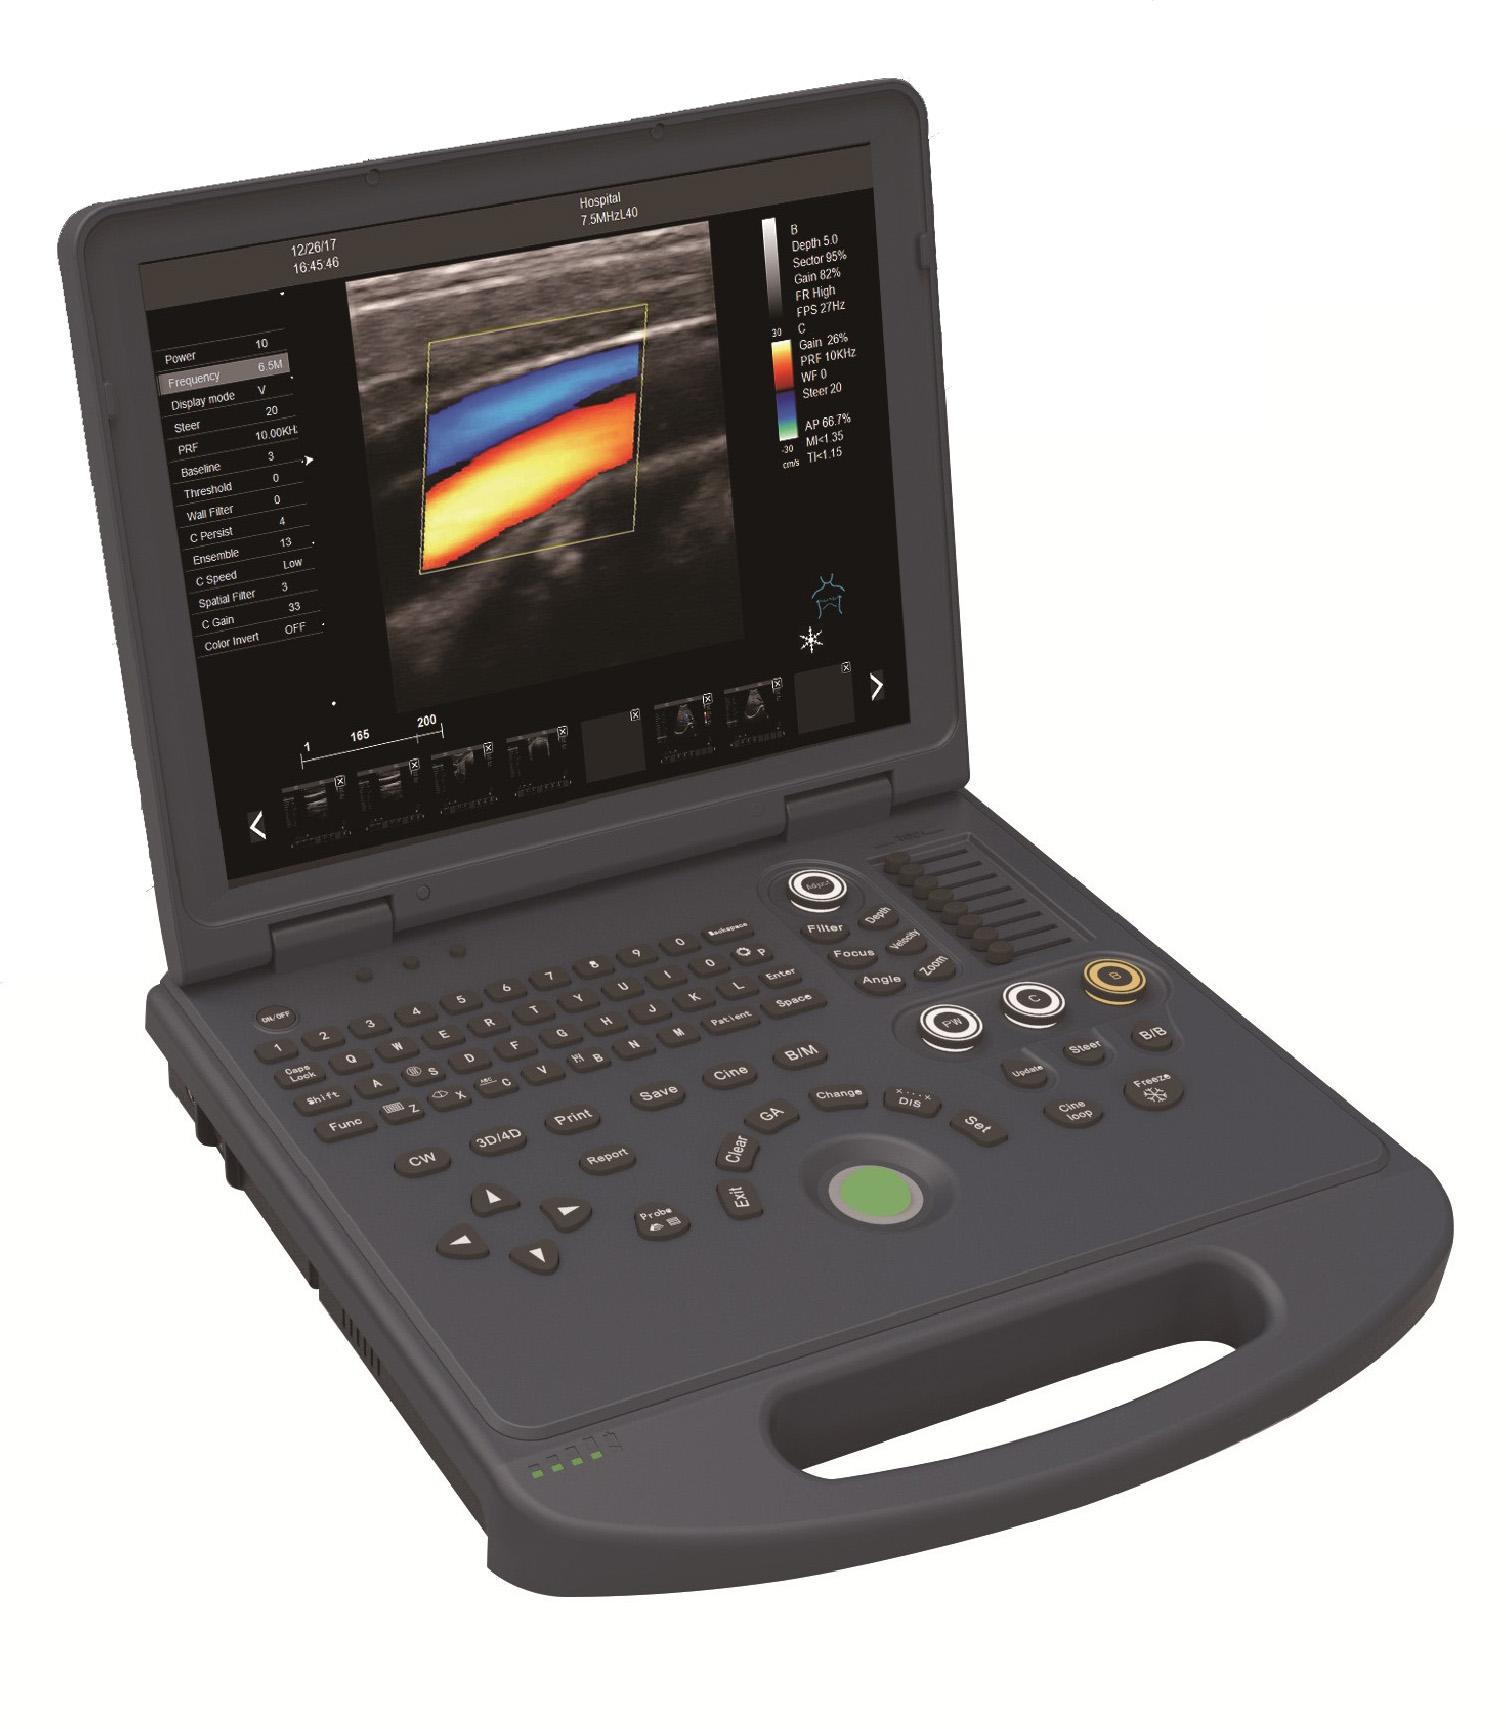 笔记本电脑彩色多普勒超声诊断系统